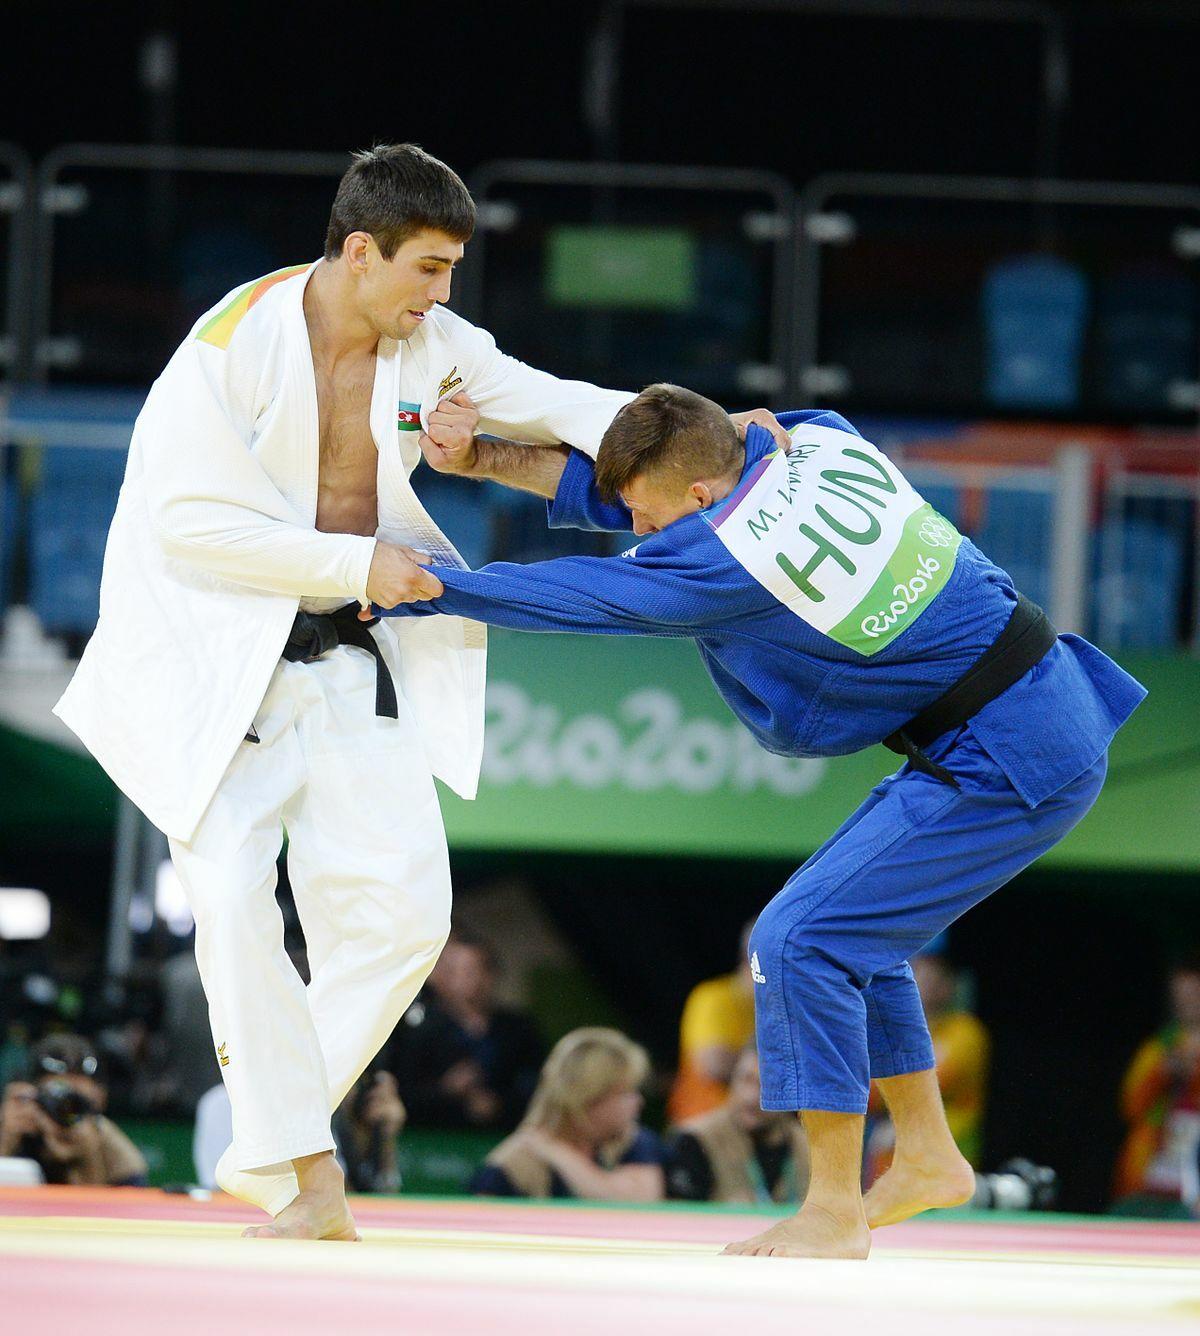 Olimpiadas lucha judo